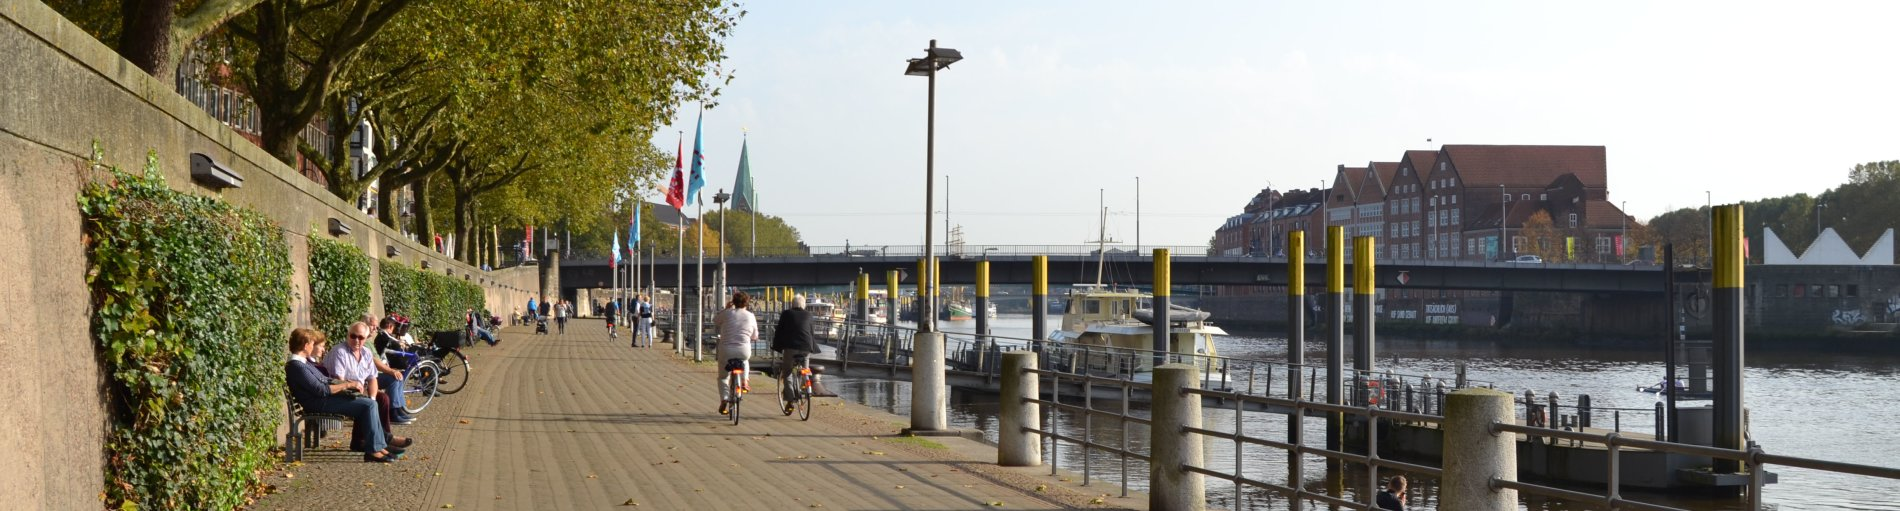 Eine Promenade mit Menschen am Fluss, im Hintergrund eine Brücke, die über den Fluss führt.